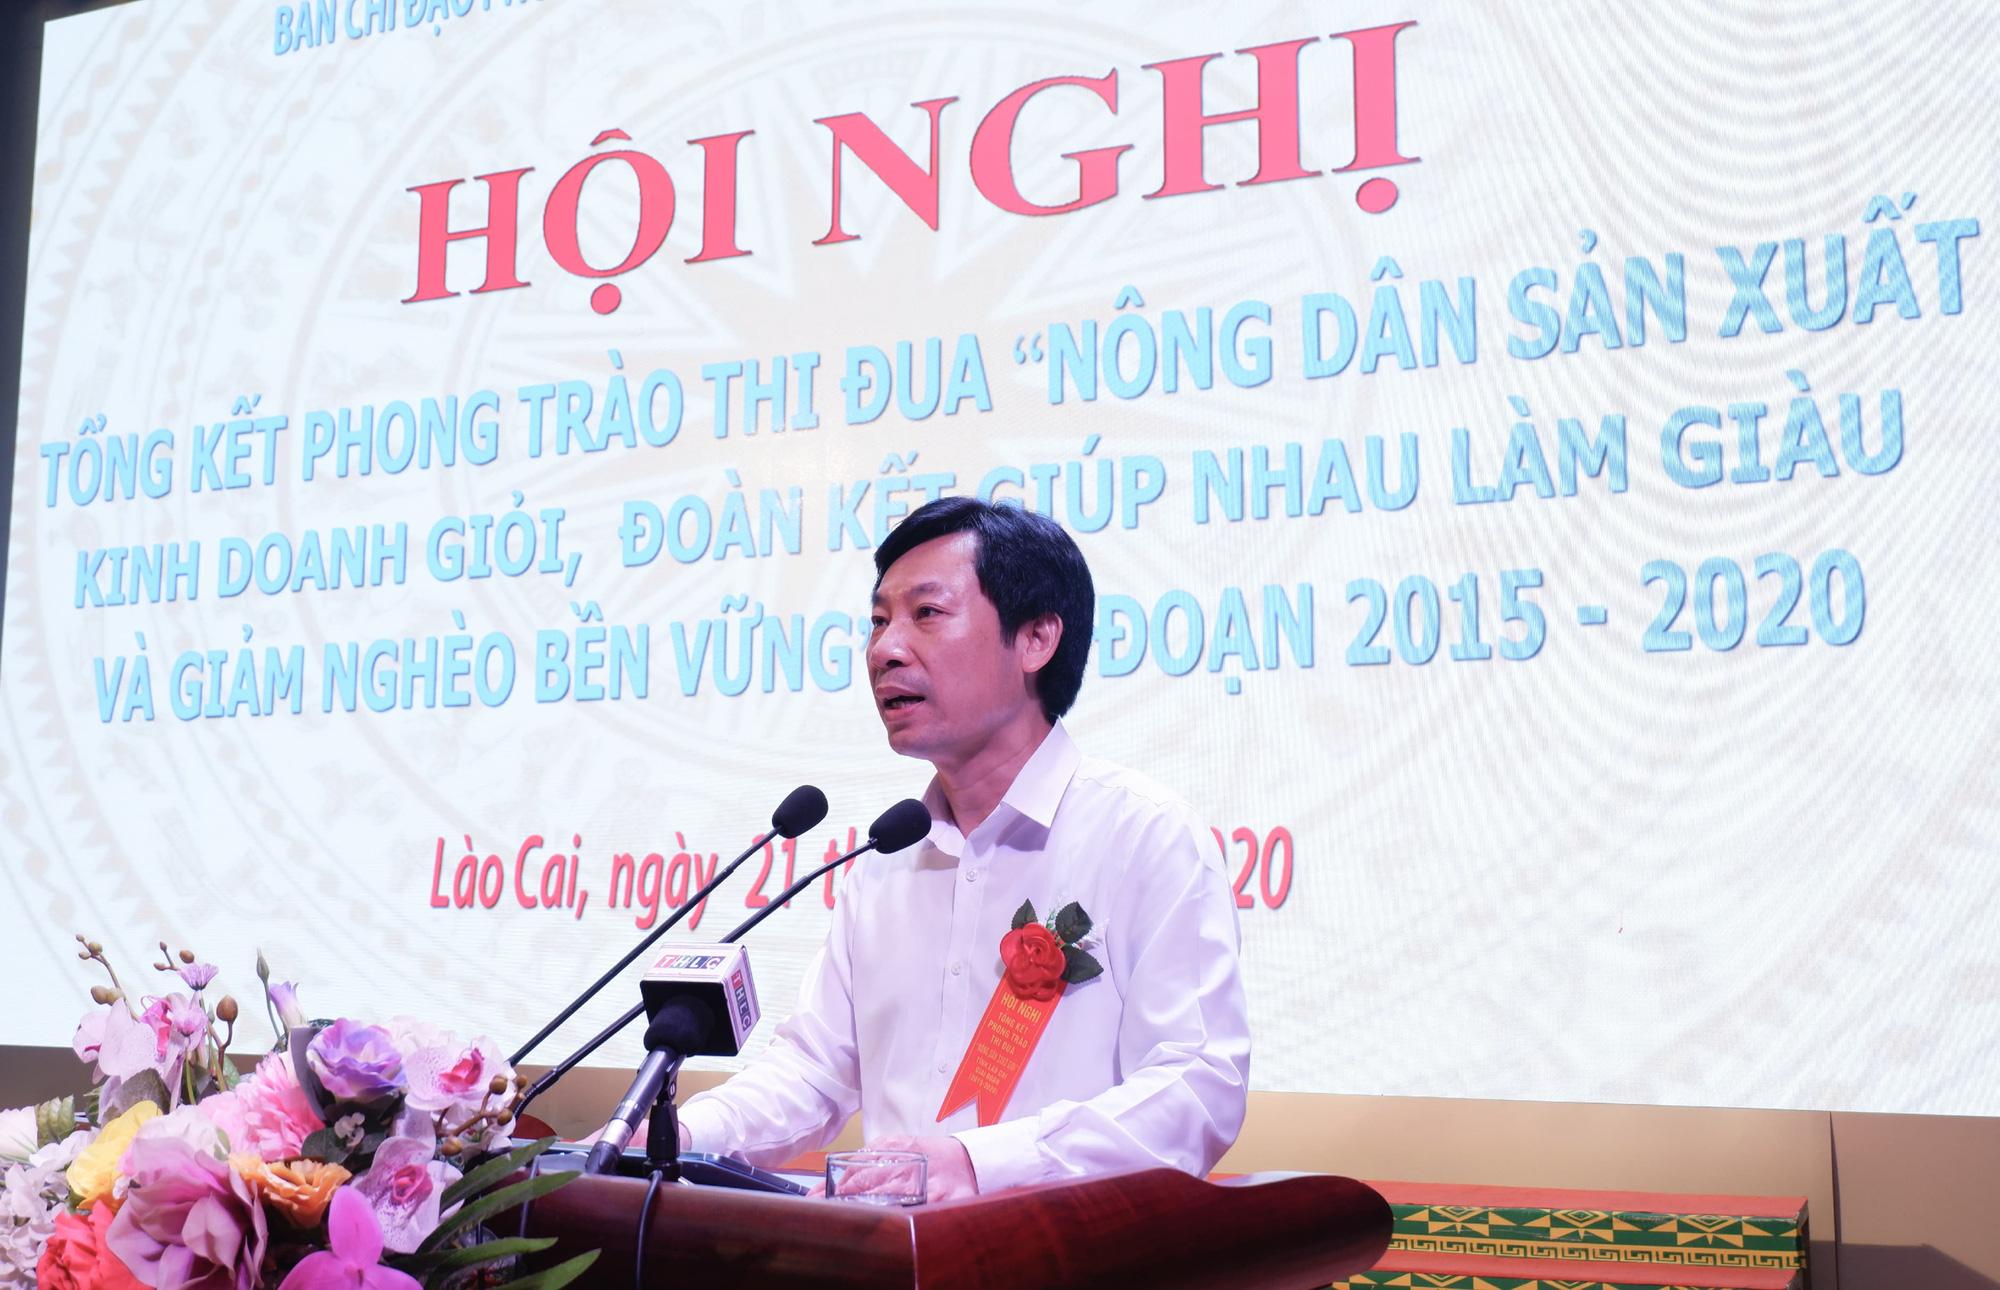 Phó Chủ tịch T.Ư Hội NDVN Nguyễn Xuân Định: Nông dân KDSX giỏi góp phần xây dựng tam nông thịnh vượng, giàu có, văn minh - Ảnh 1.